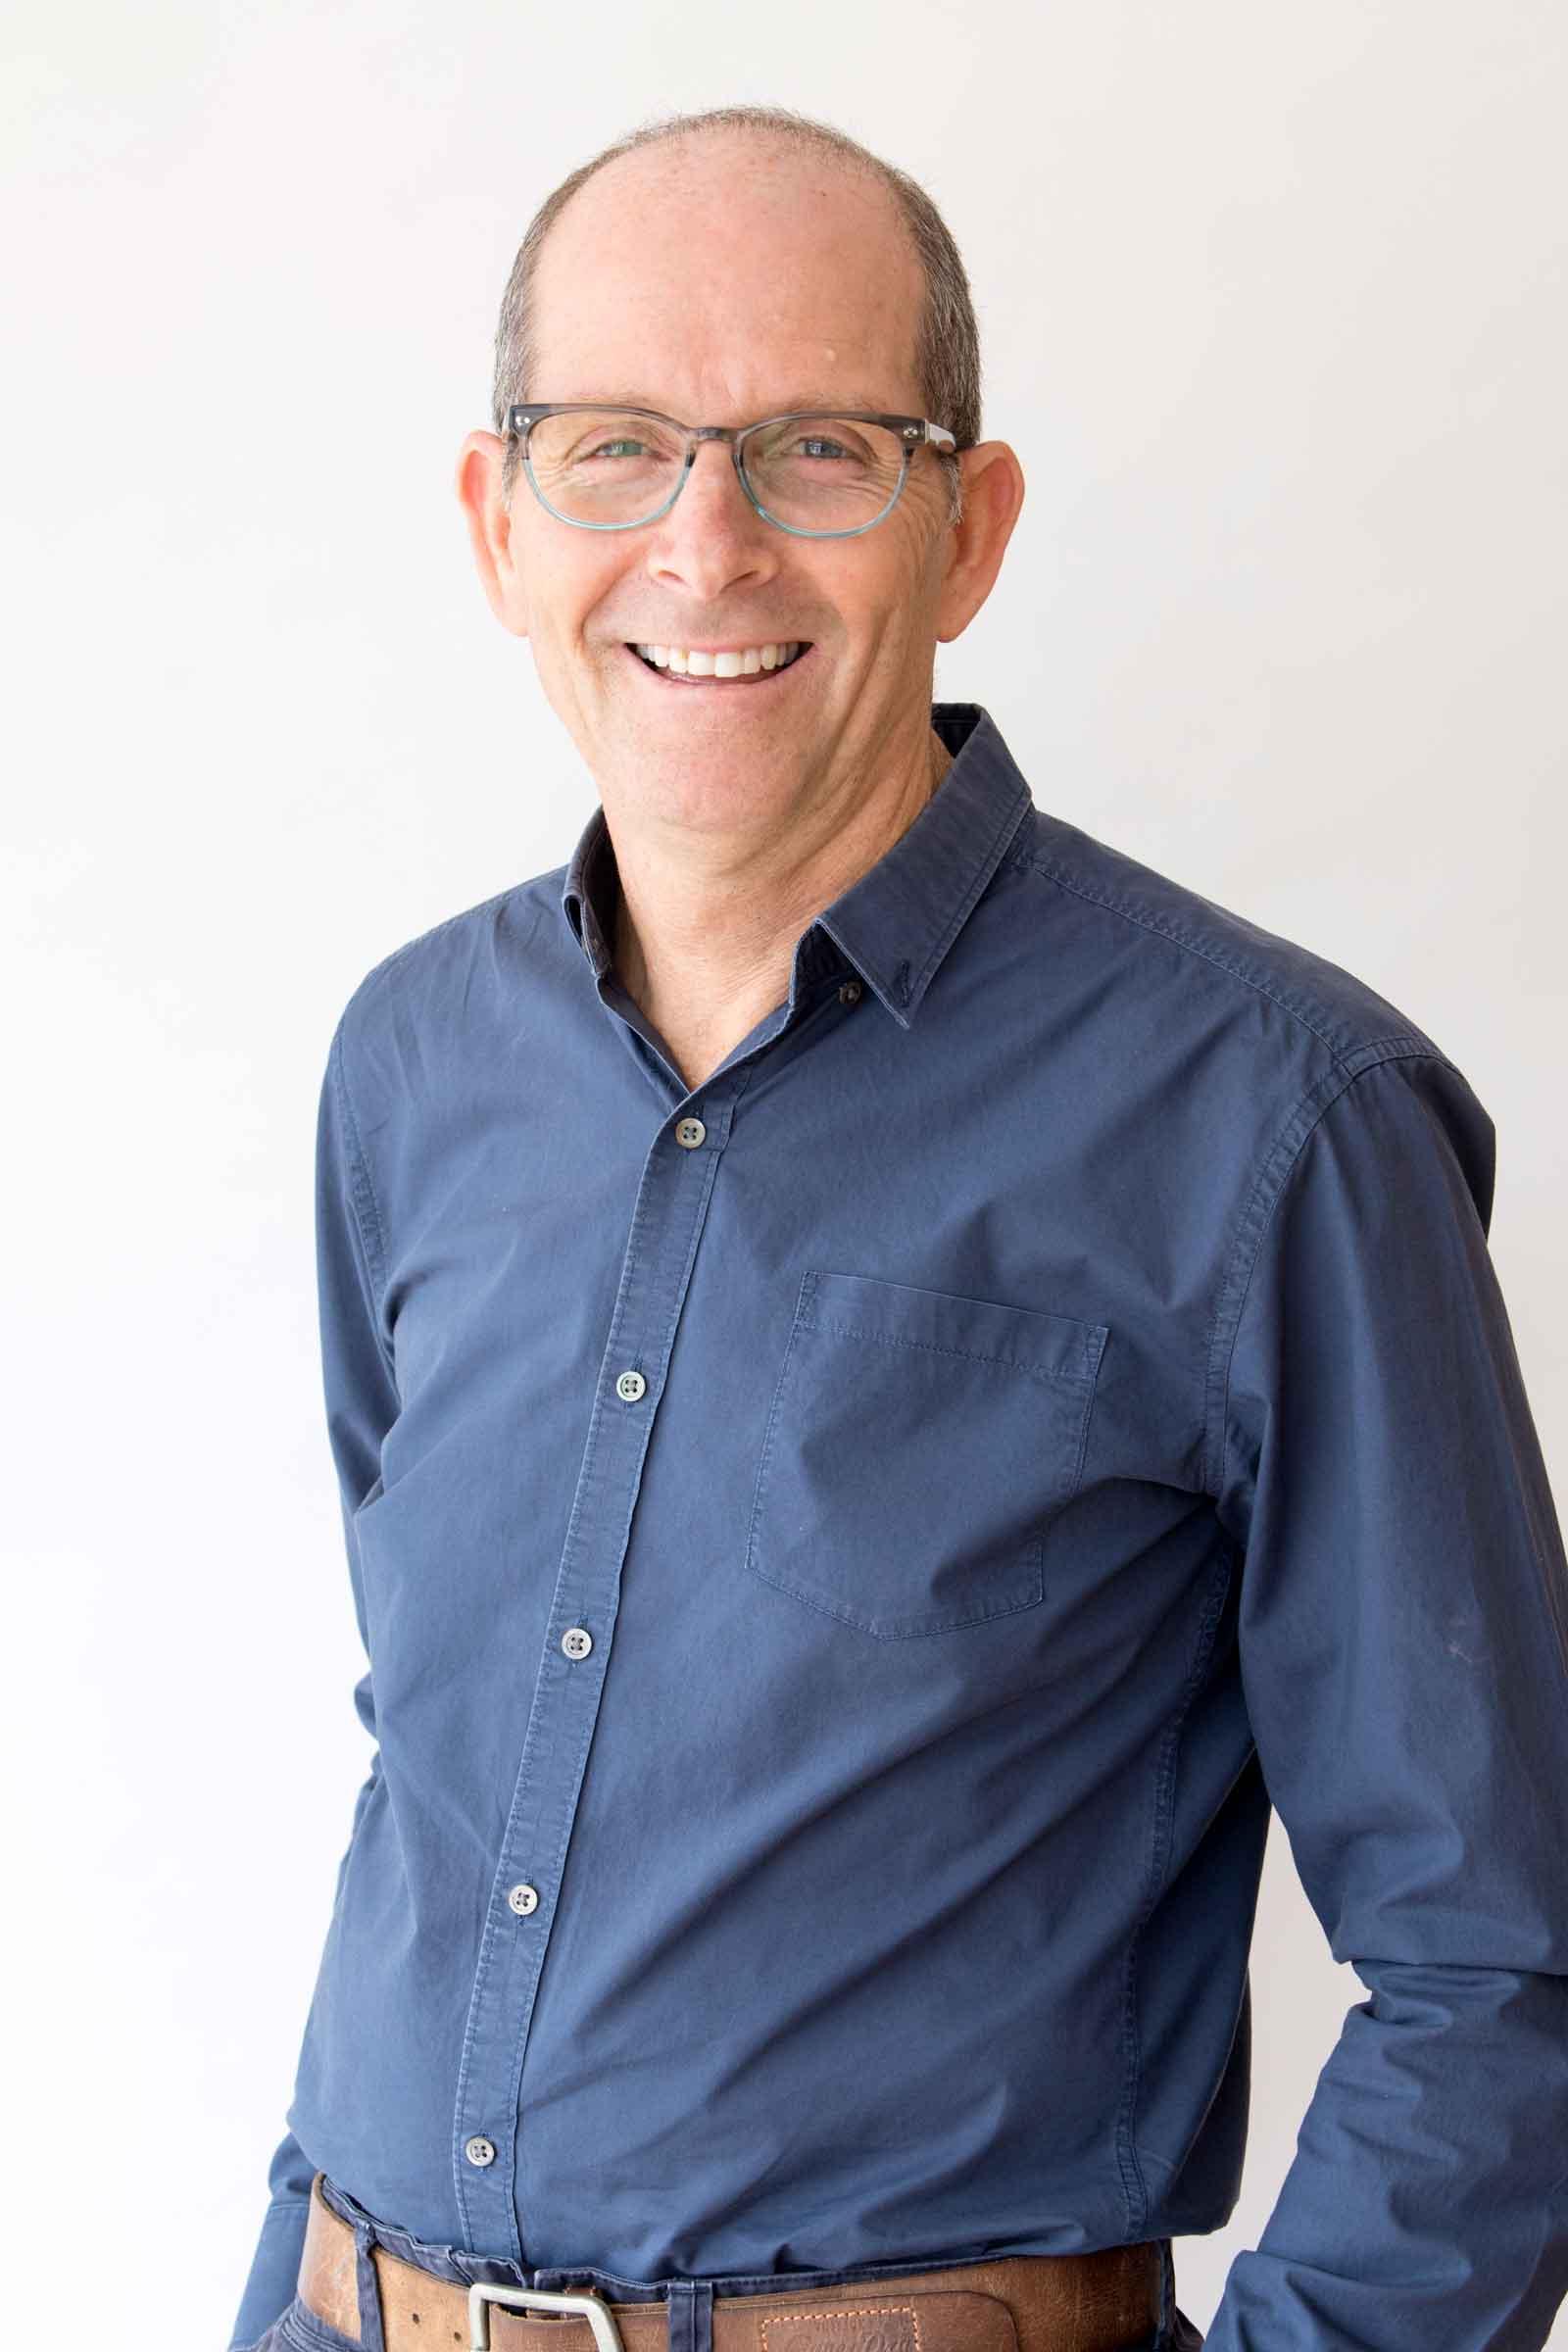 Malcolm Kofsky – Rose Bay Optometrist